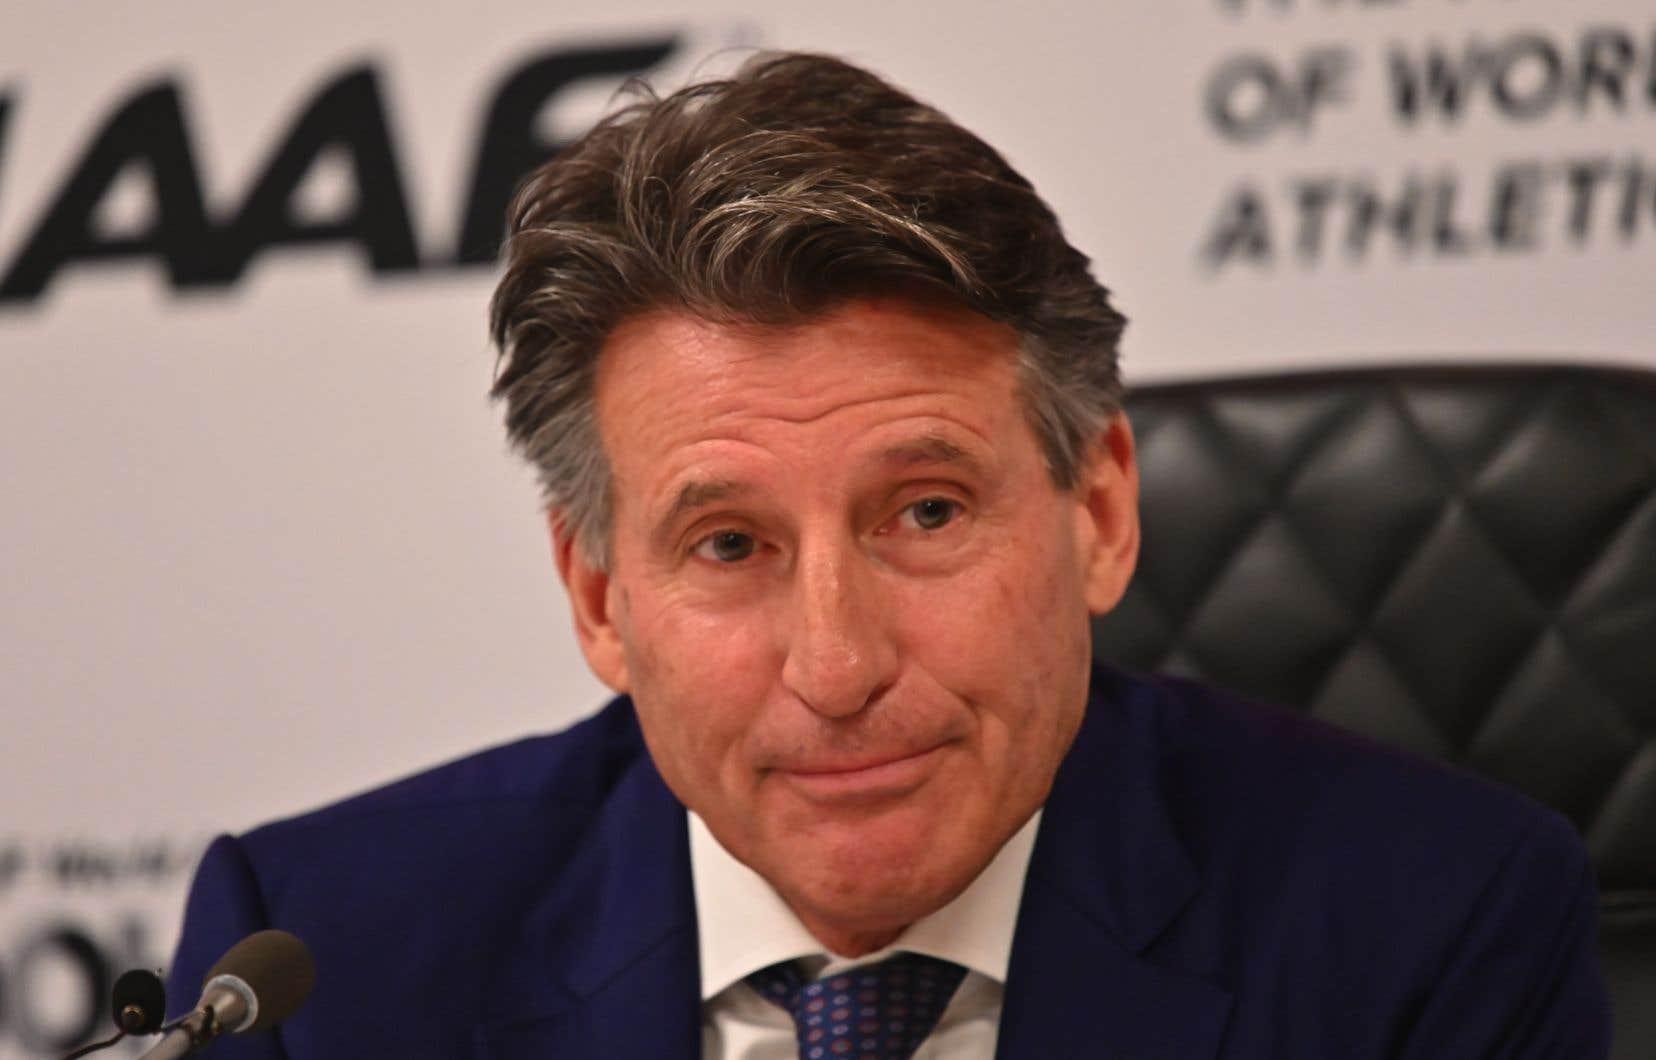 Le président de la Fédération internationale d'athlétisme, Sebastian Coe